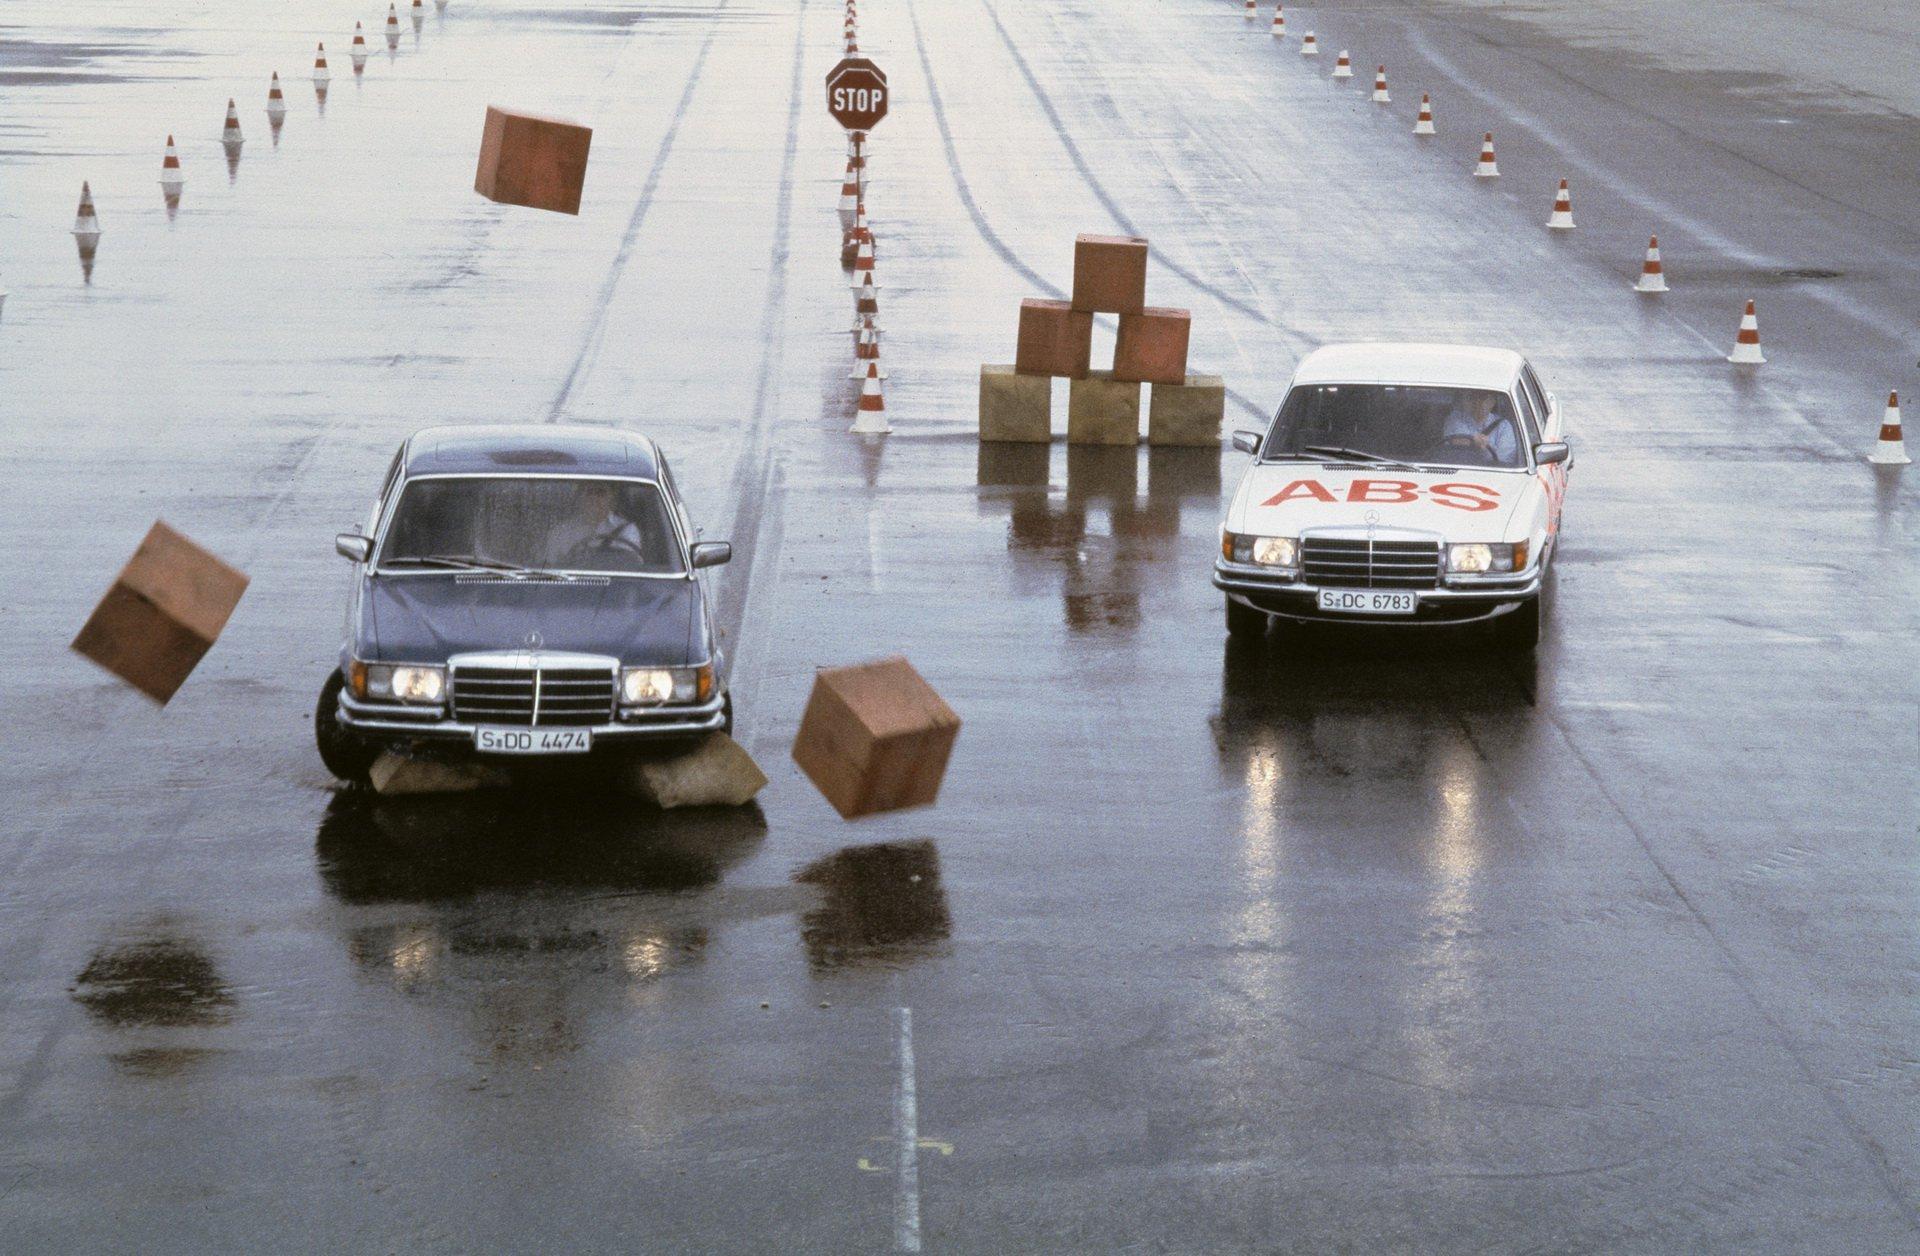 40 godina sistema koji je promjenio sigurnost saobraćaja – ABS